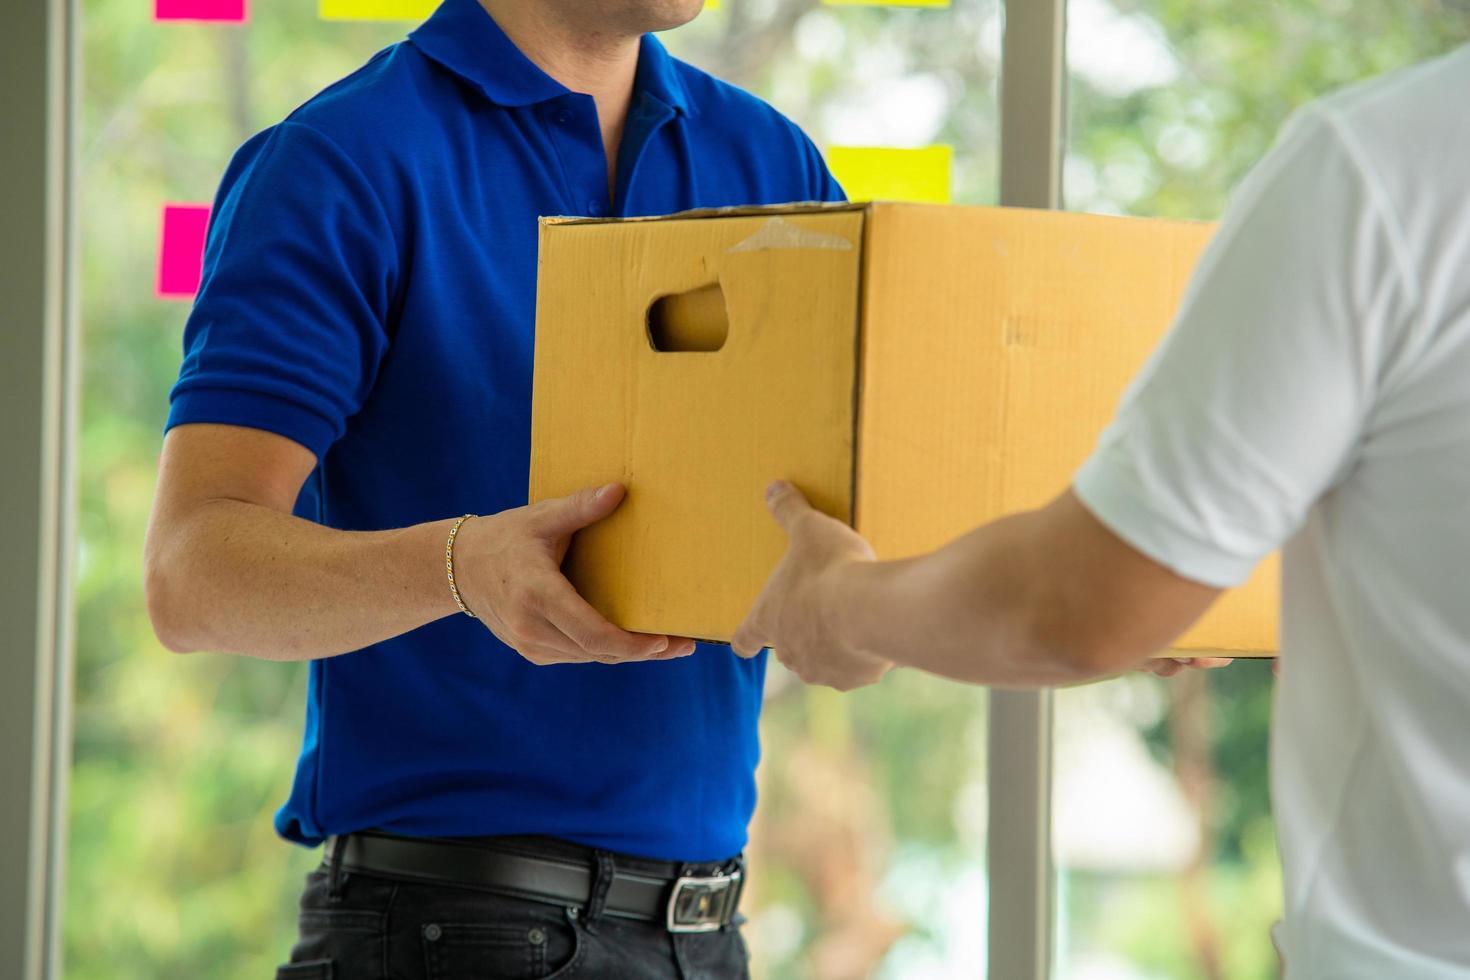 Der Postangestellte übergibt dem Kunden den Karton foto